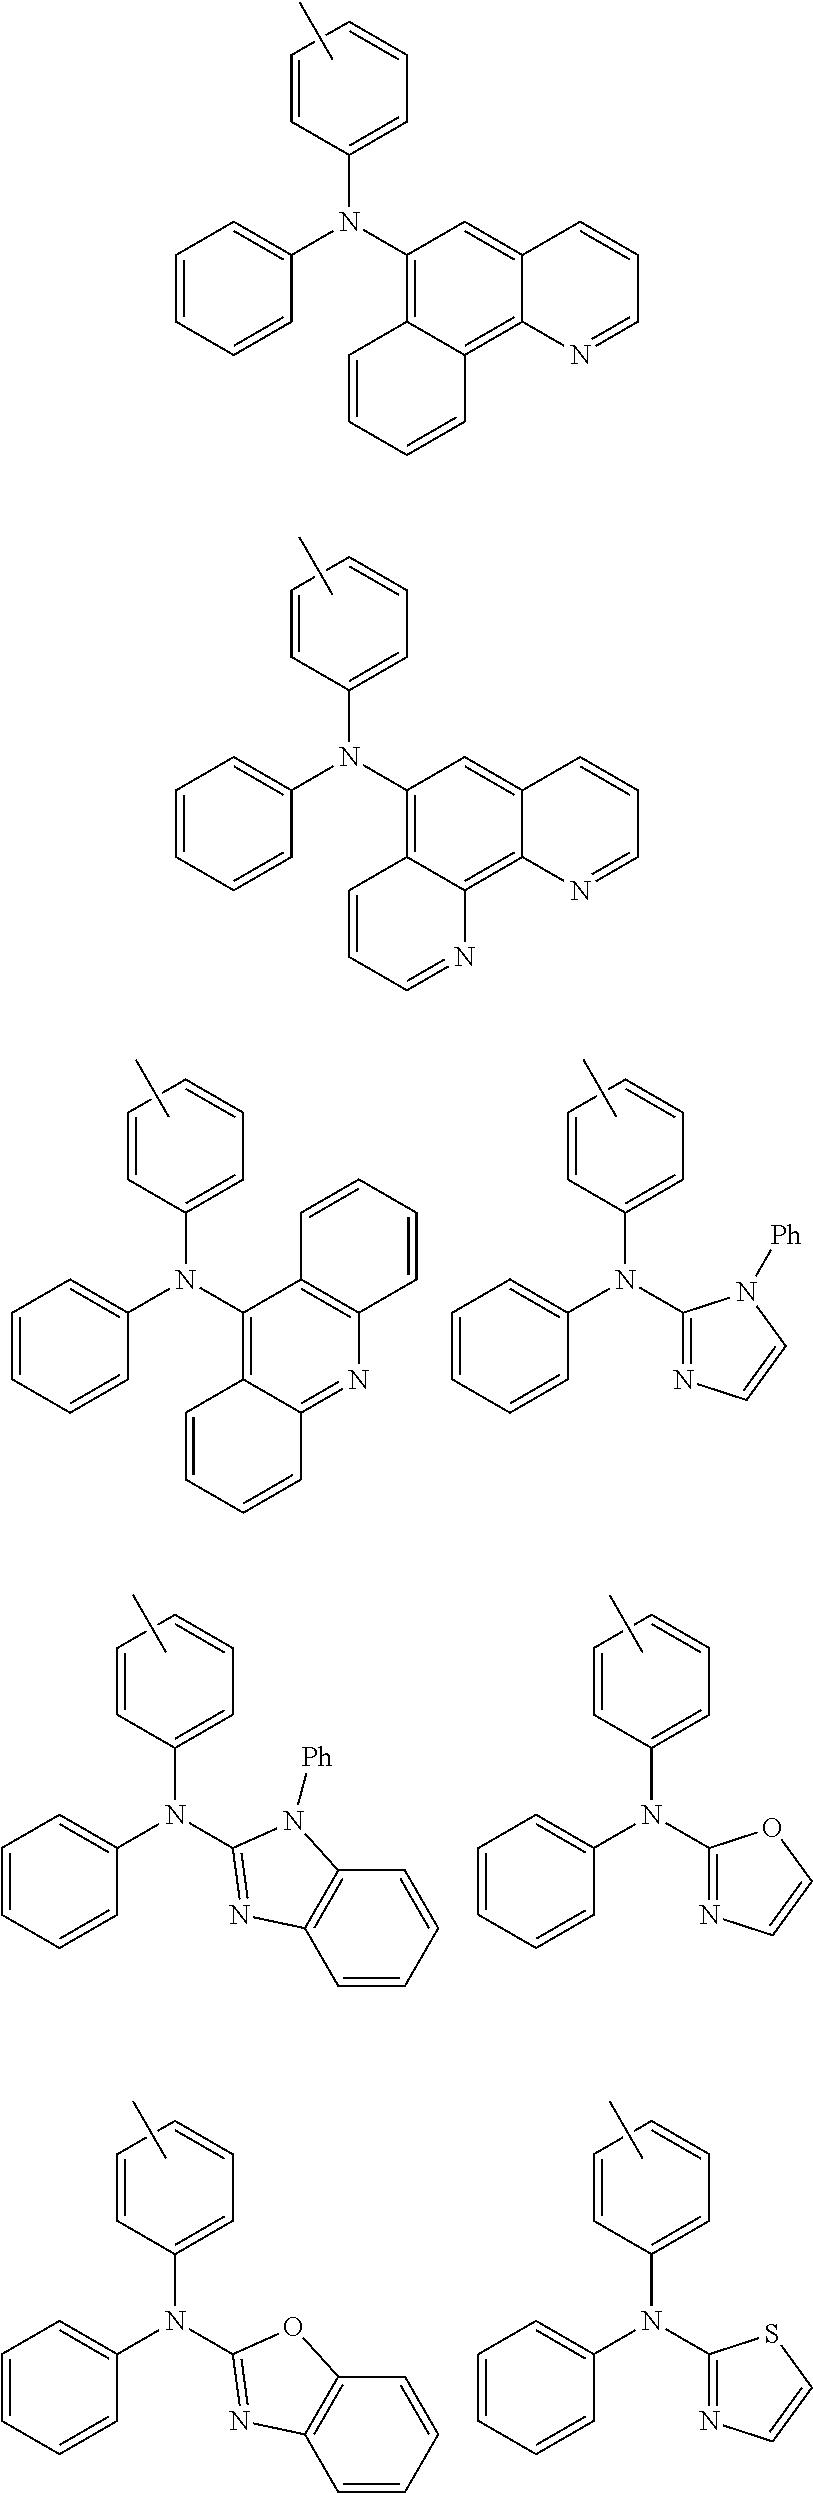 Figure US20150280139A1-20151001-C00017